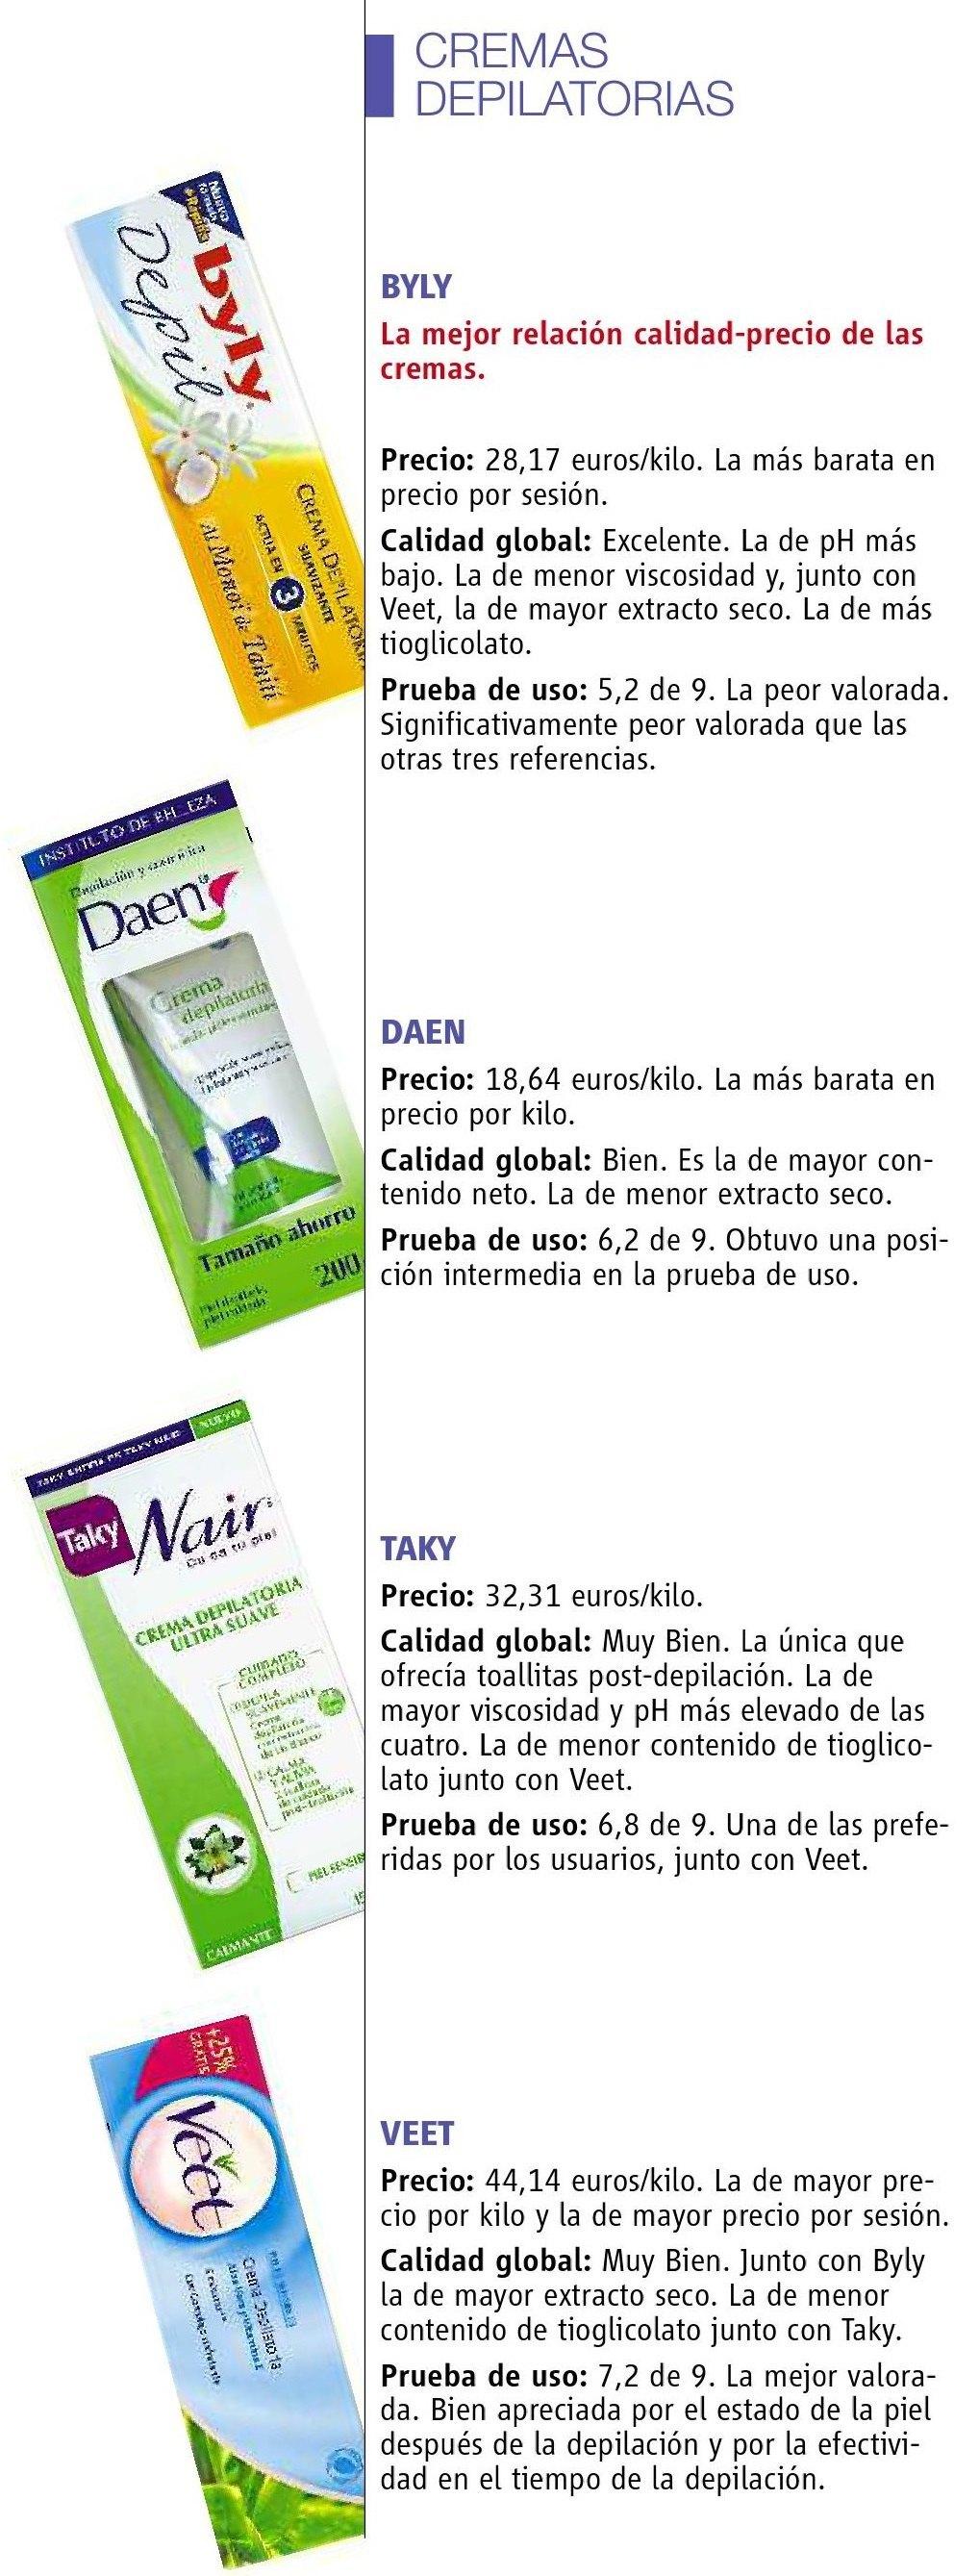 analisis-cremas-depilatorias-calidad-precio